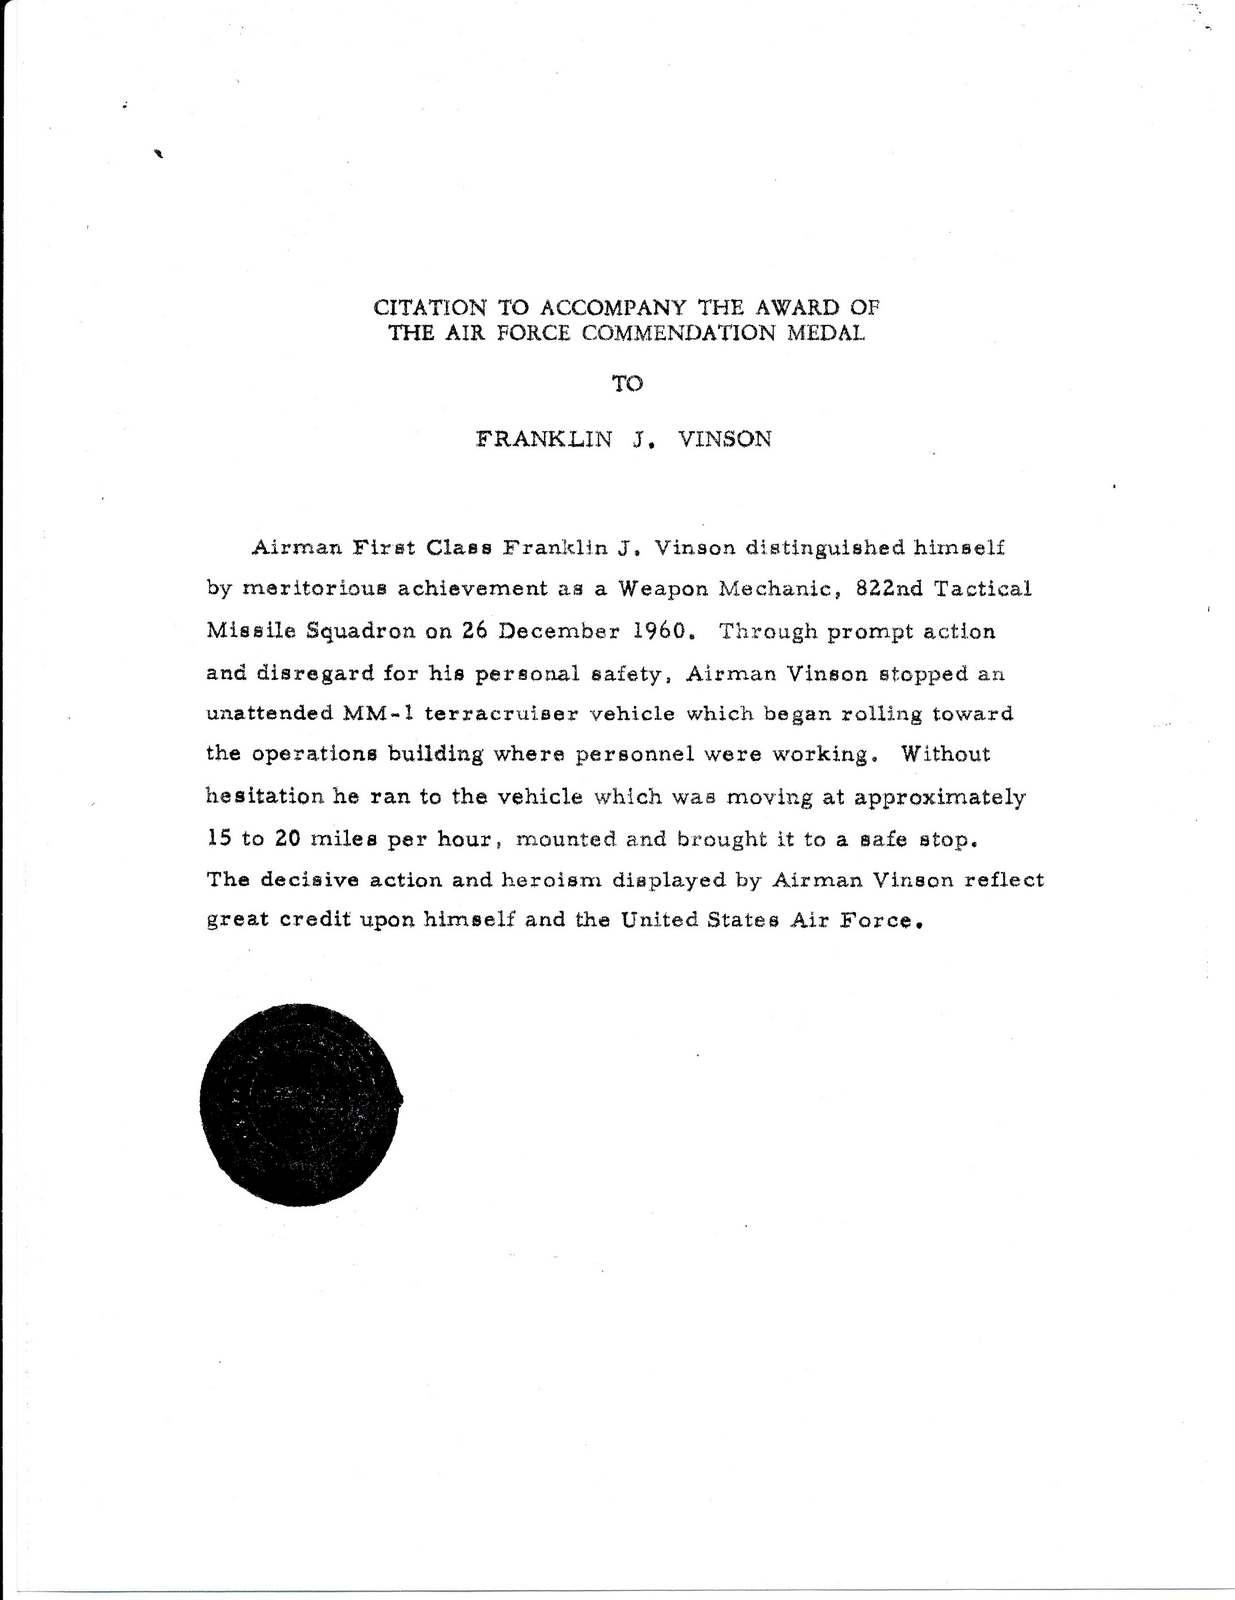 Edwards Citation For Af Commendation Medal